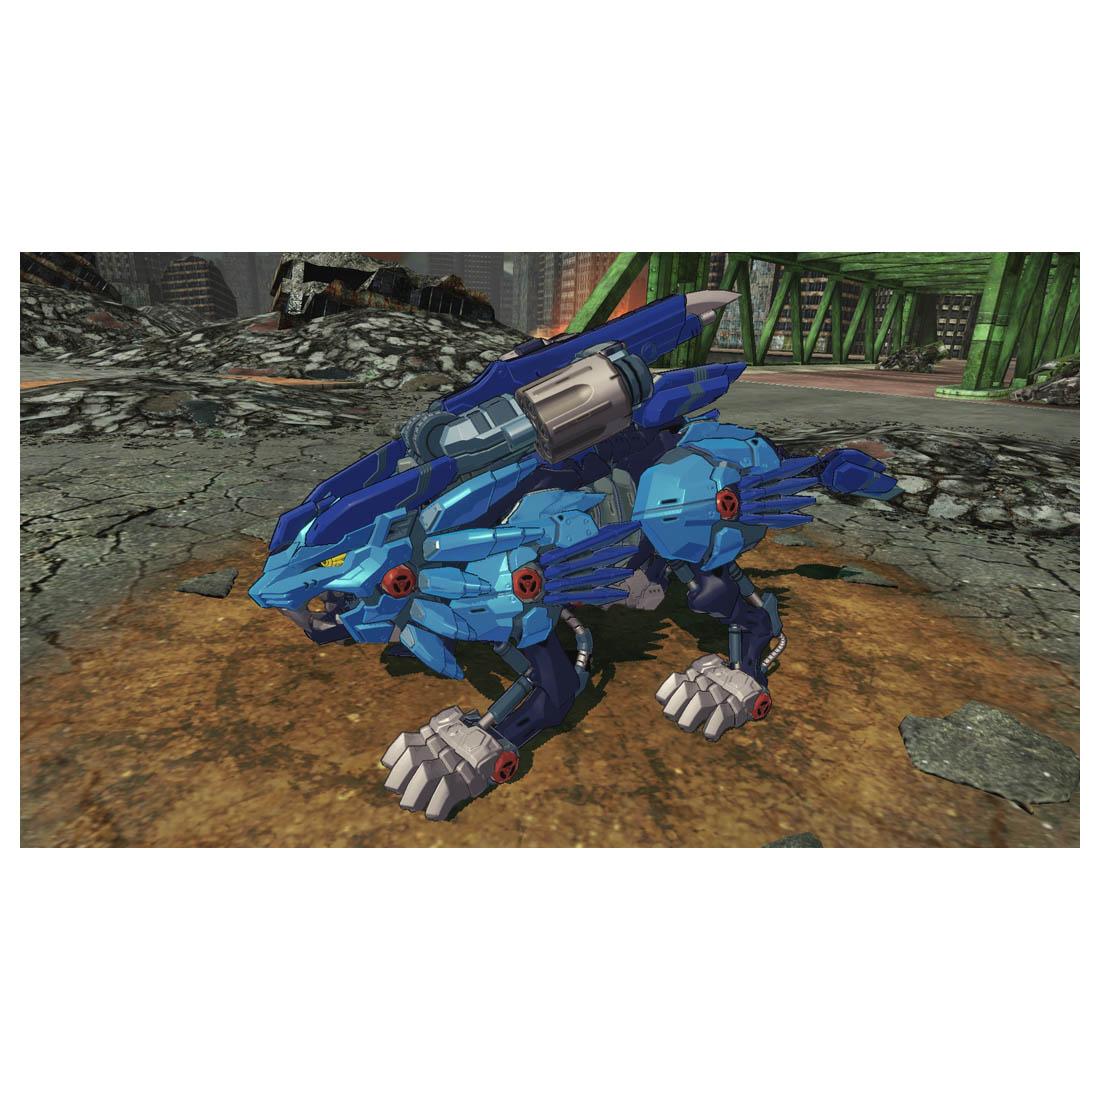 ゾイドワイルド『ZW36IB ライジングライガー インフィニティブルー』組み立て可動フィギュア「ゾイドワイルド インフィニティブラスト」セット-006